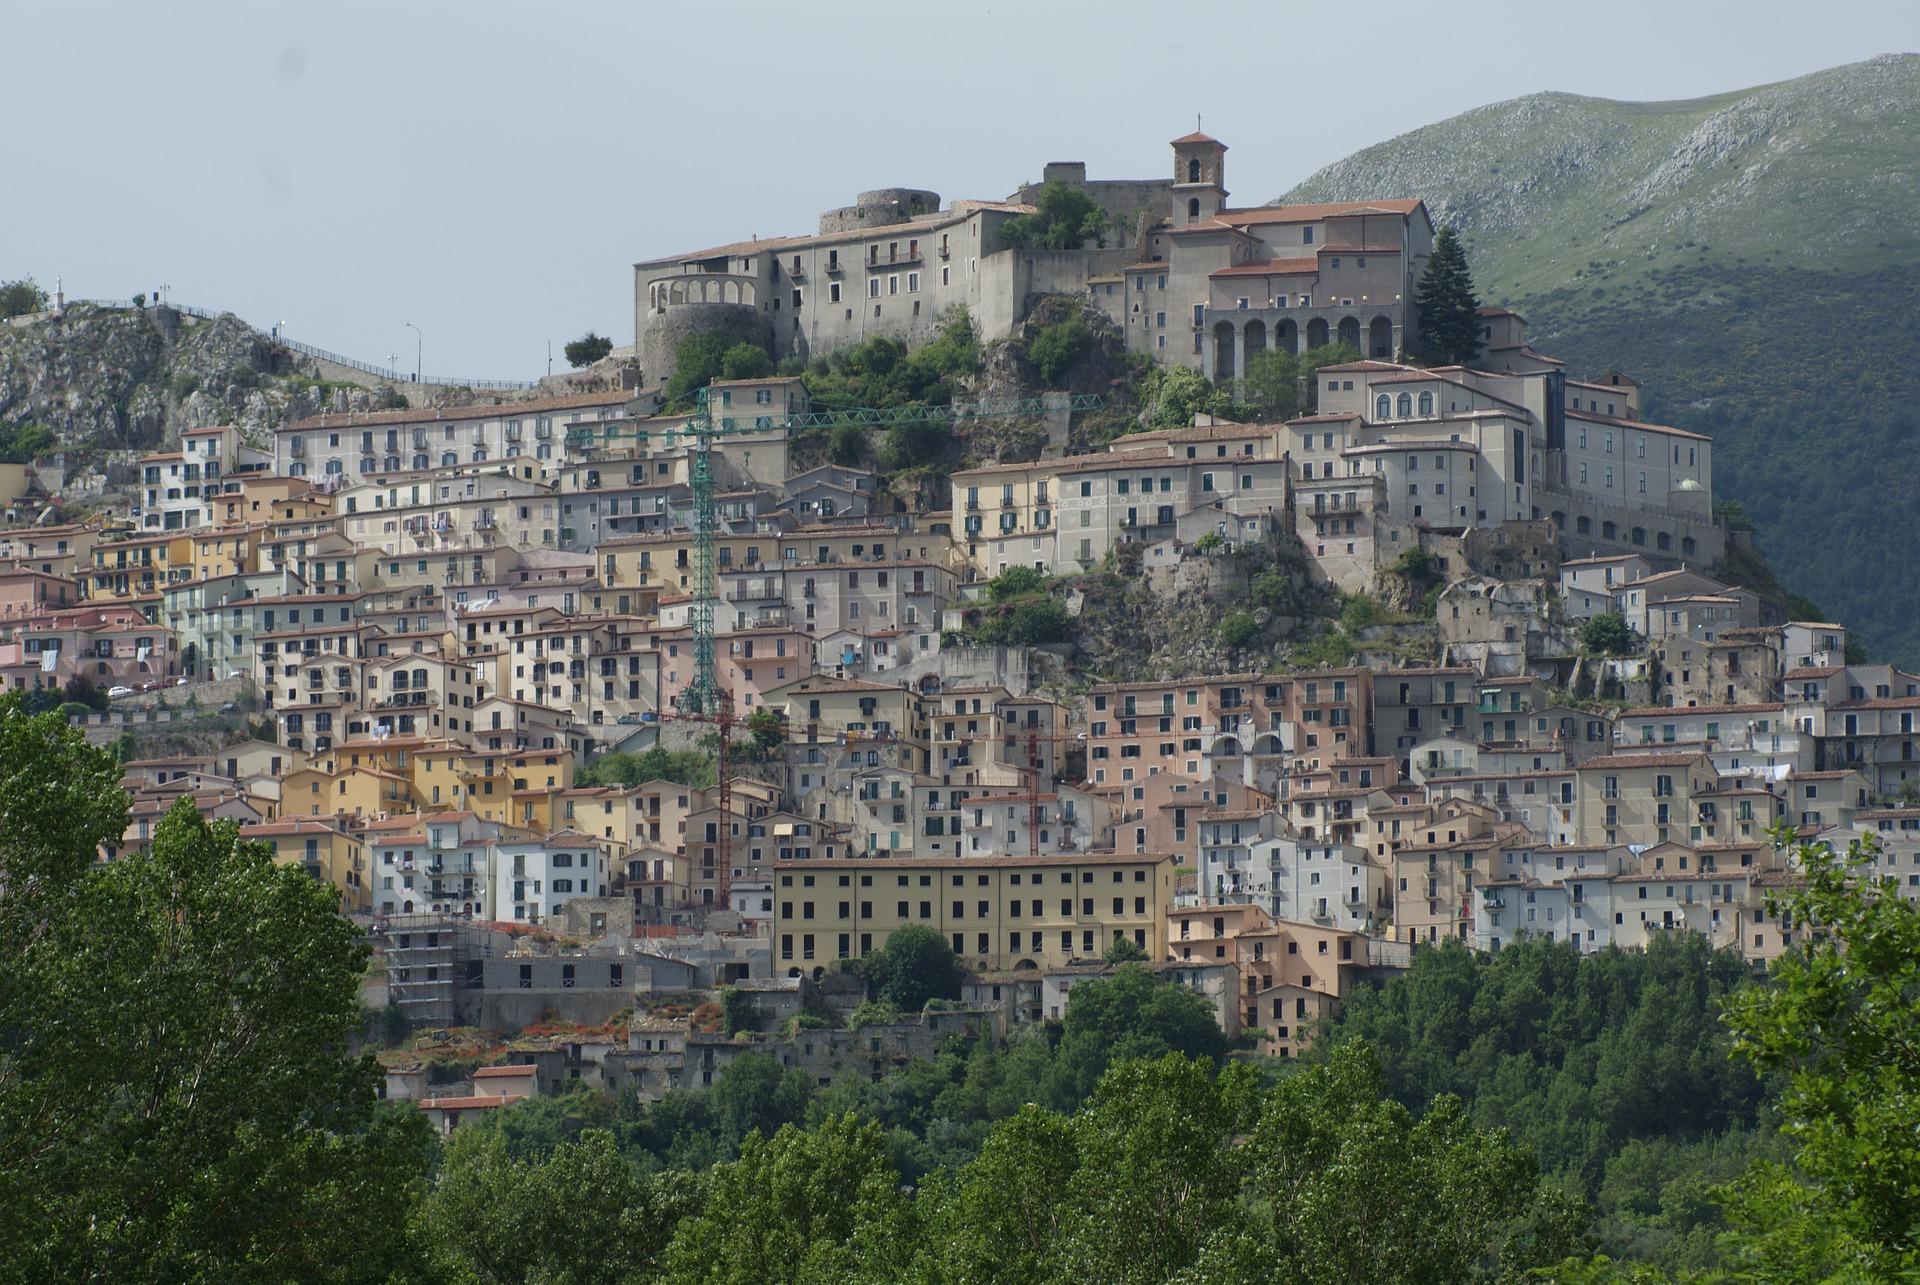 La Lucania in Basilicata